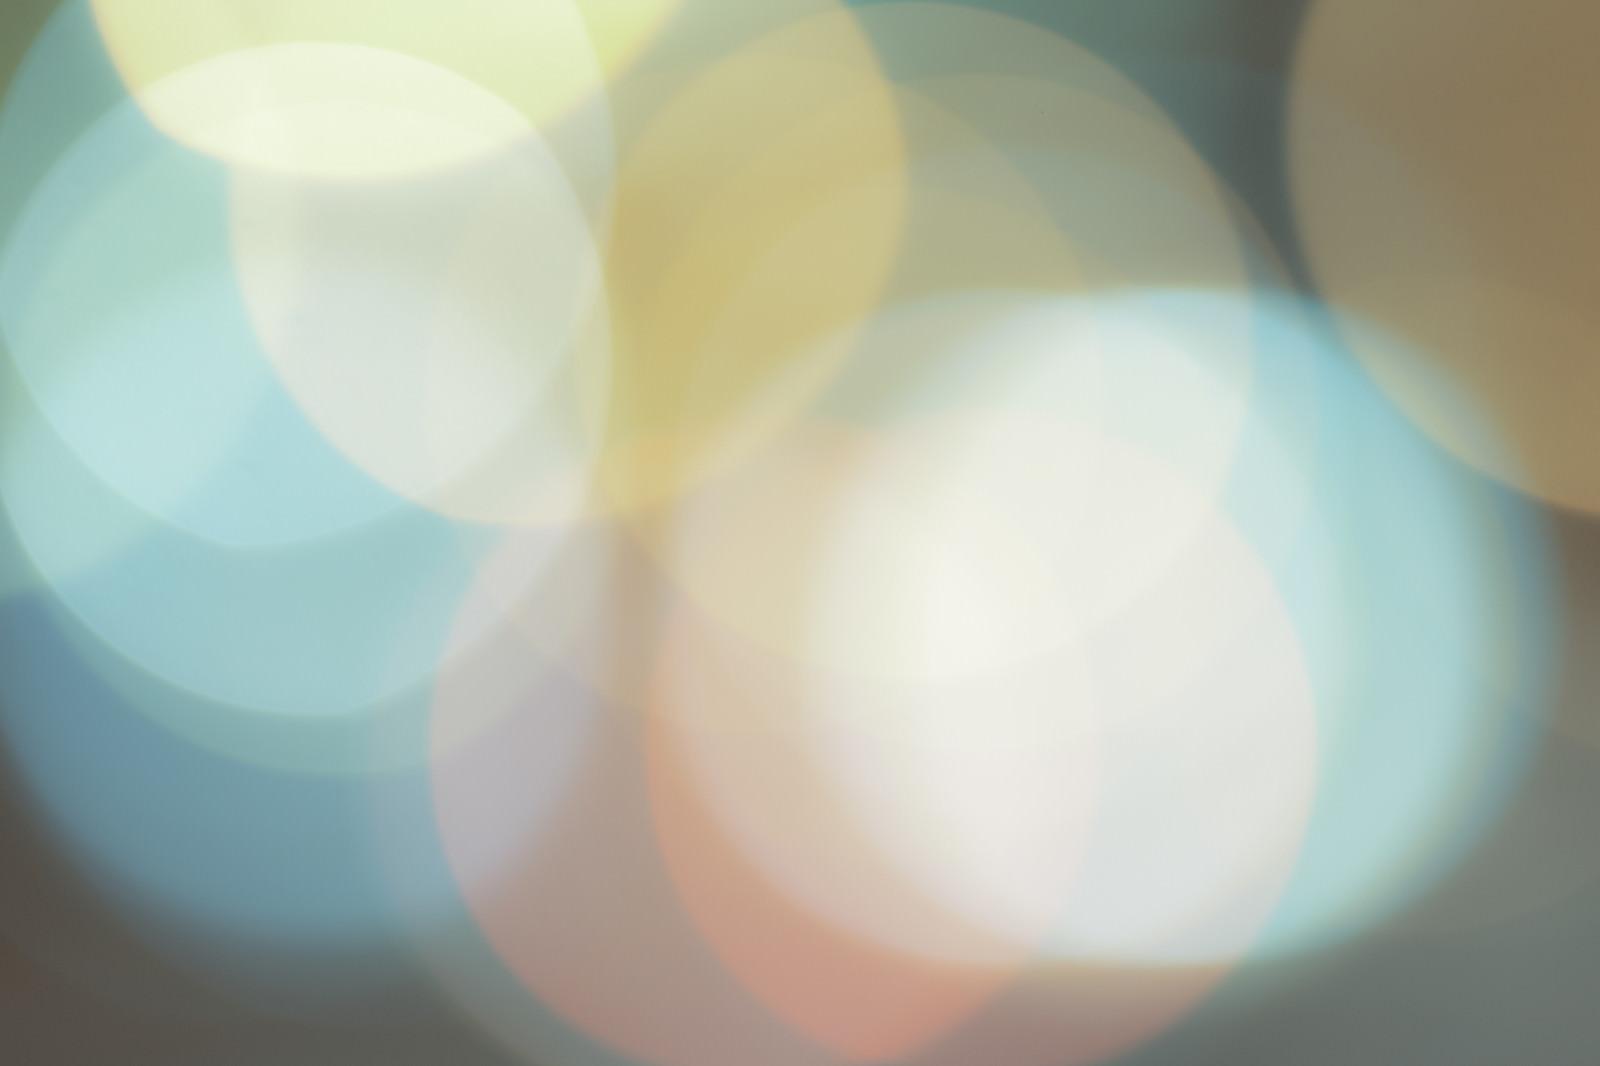 「ノスタルジックな丸ボケ」の写真